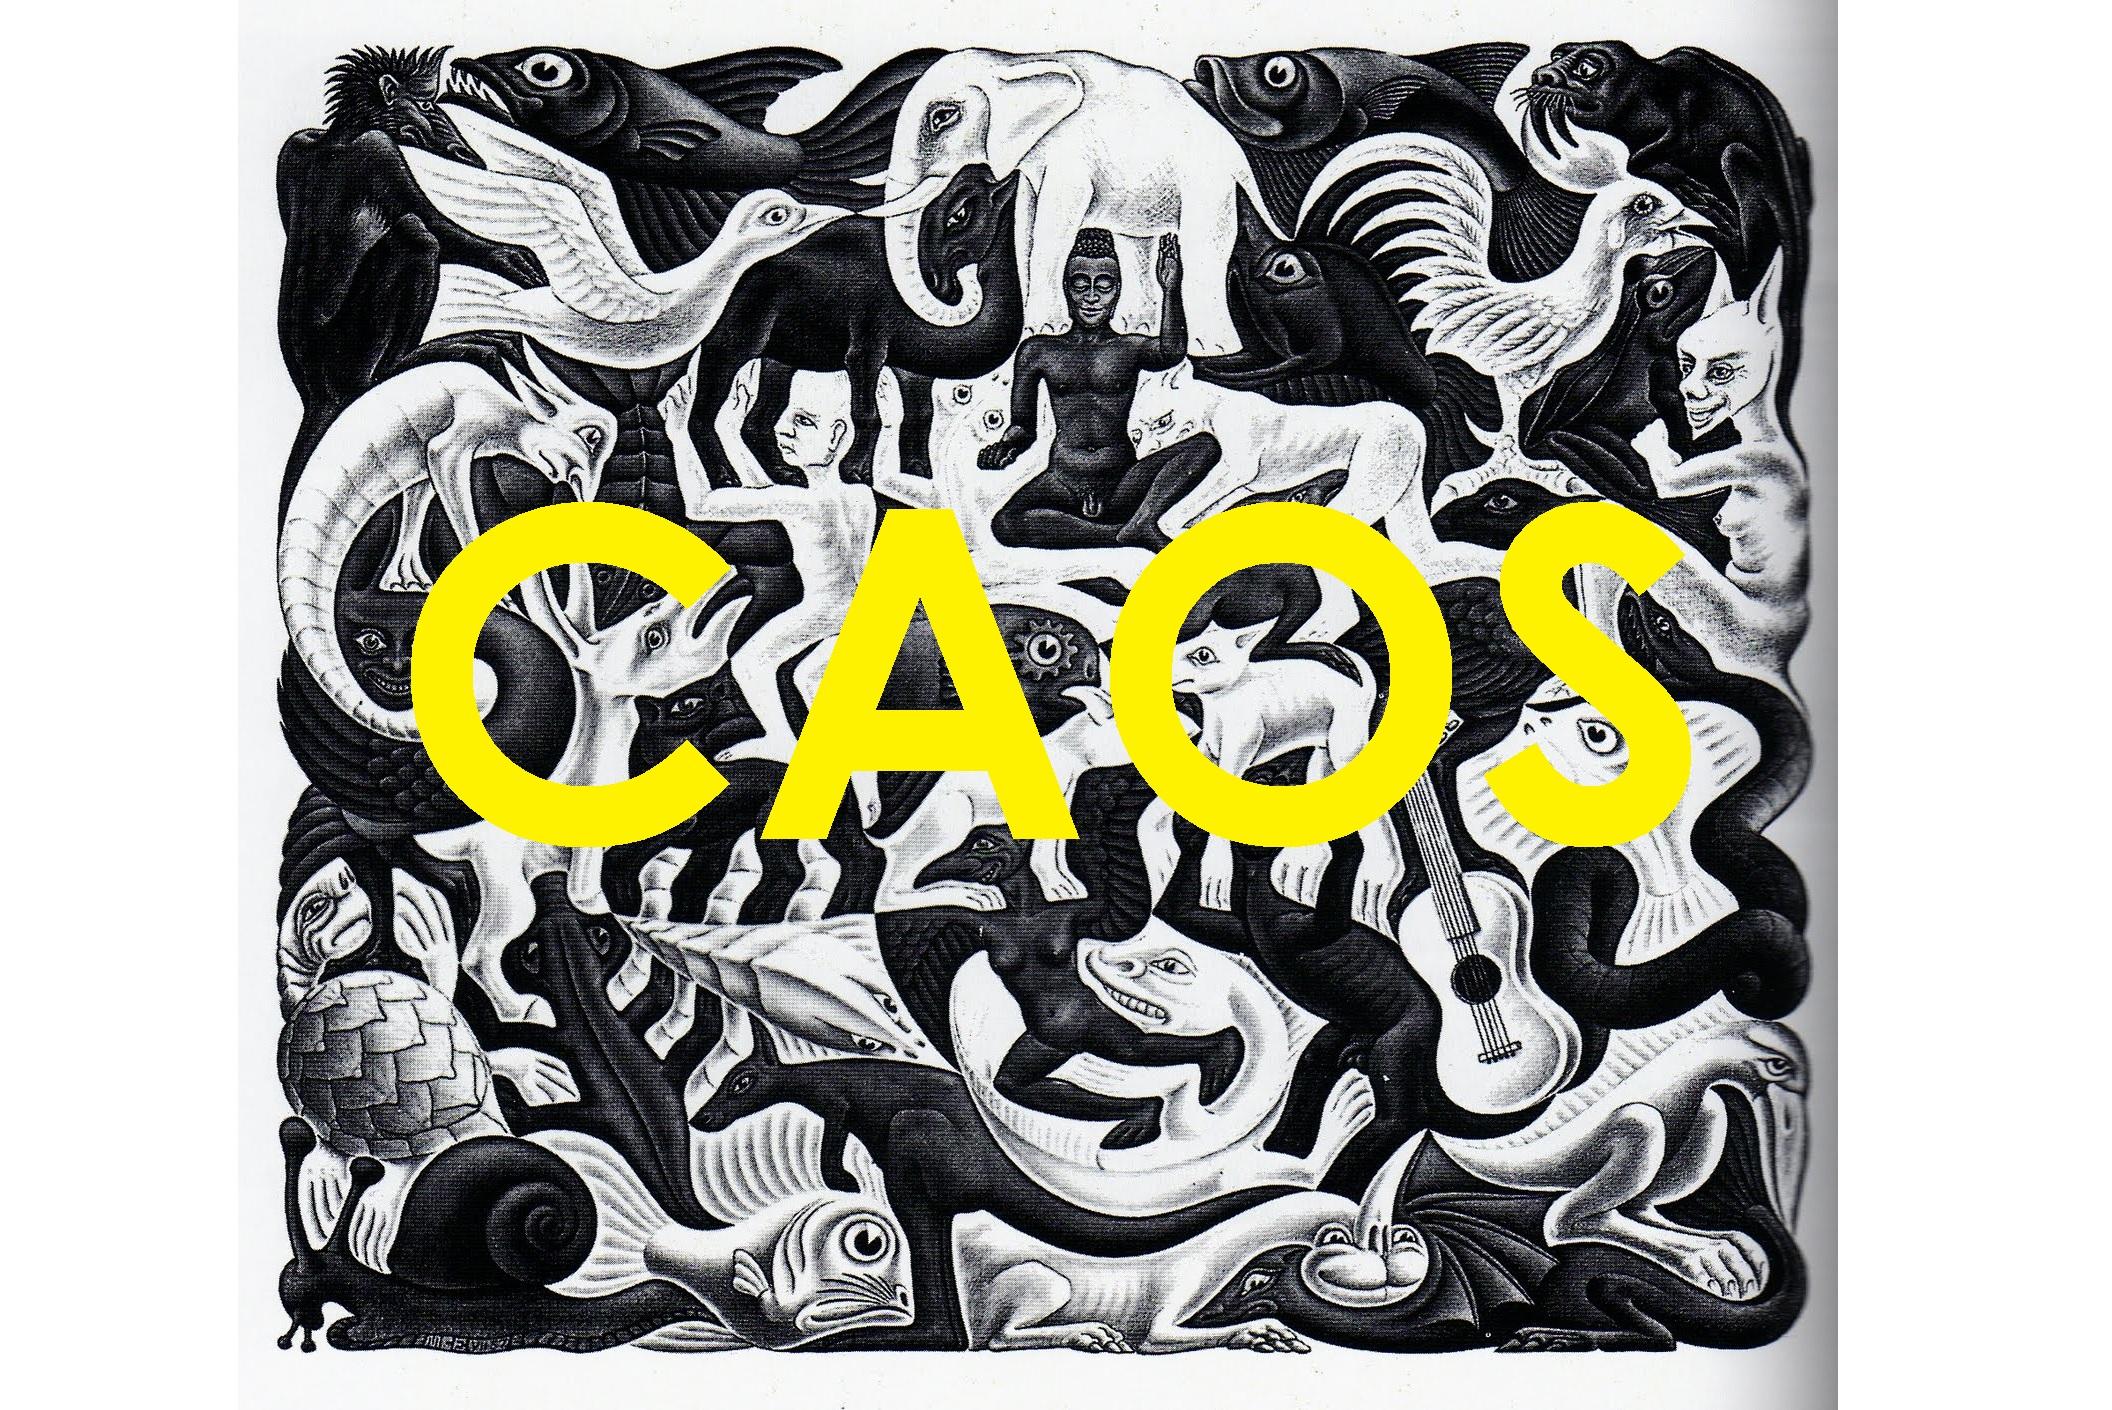 escher-caos5C